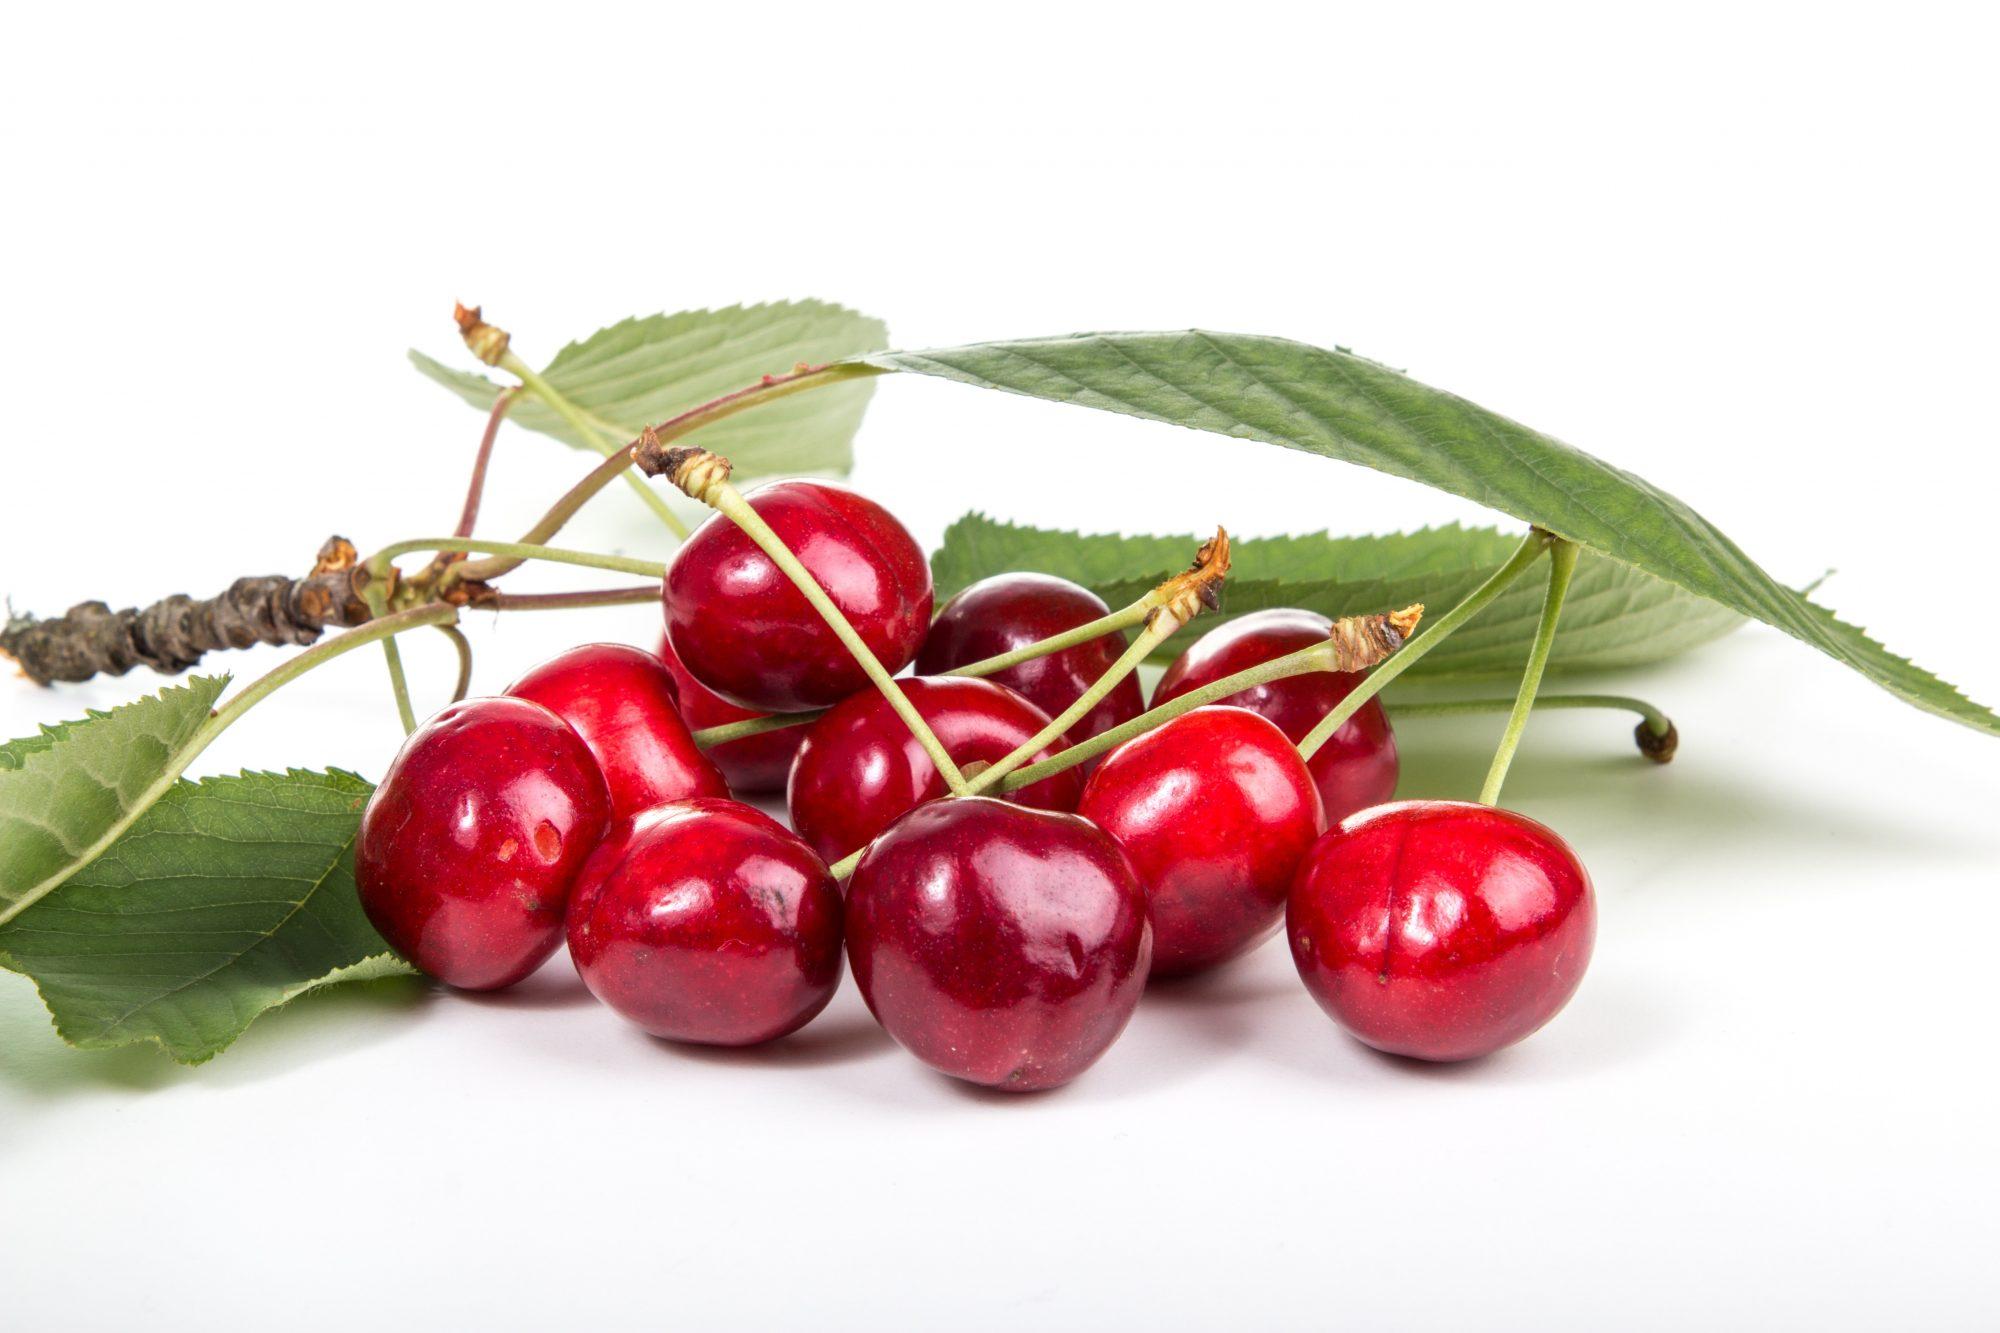 9 health benefits of cherries